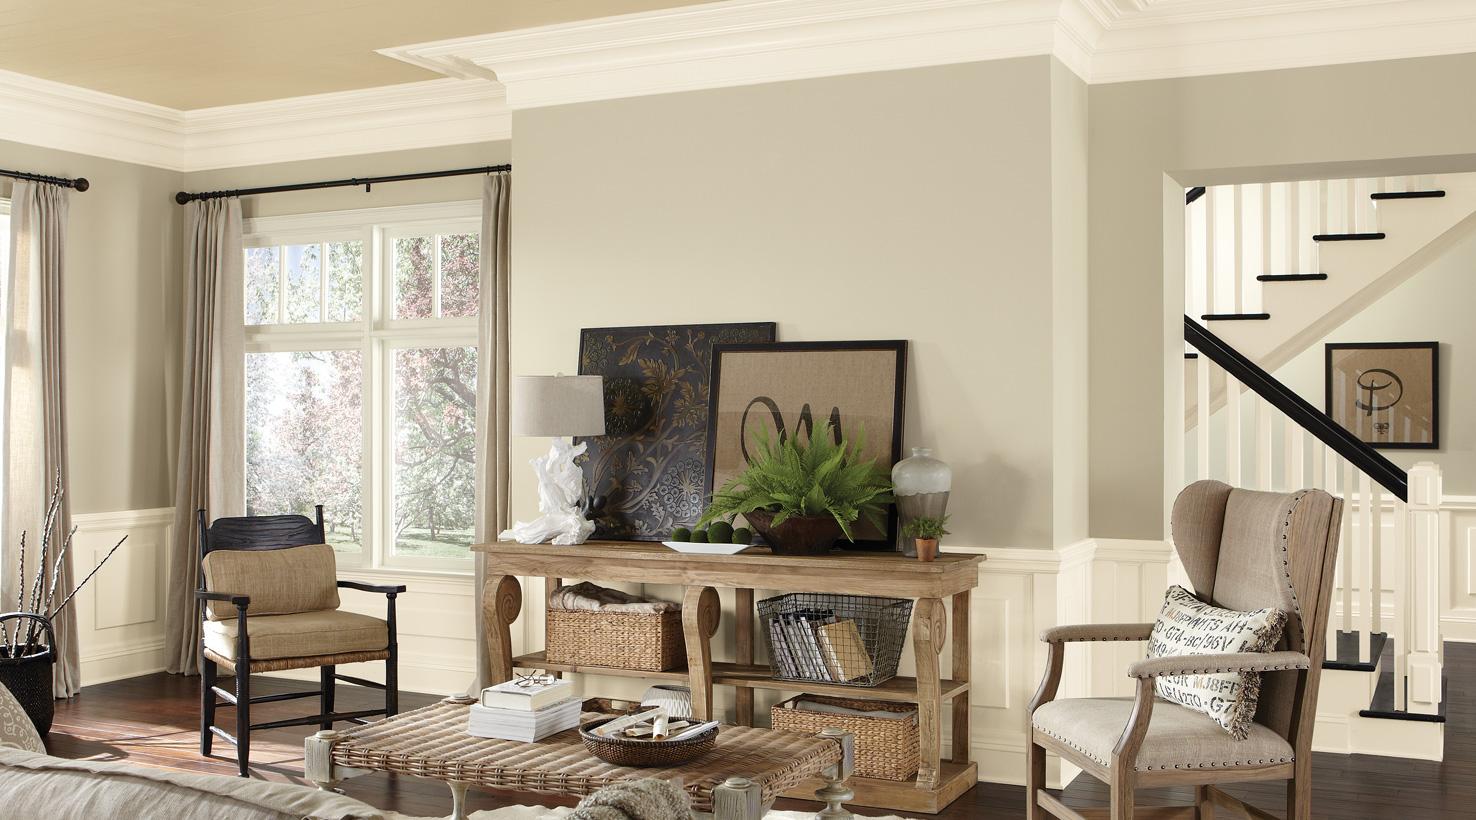 Living Room Painting Colors Ideas - Deplok Painting on Room Painting id=73453